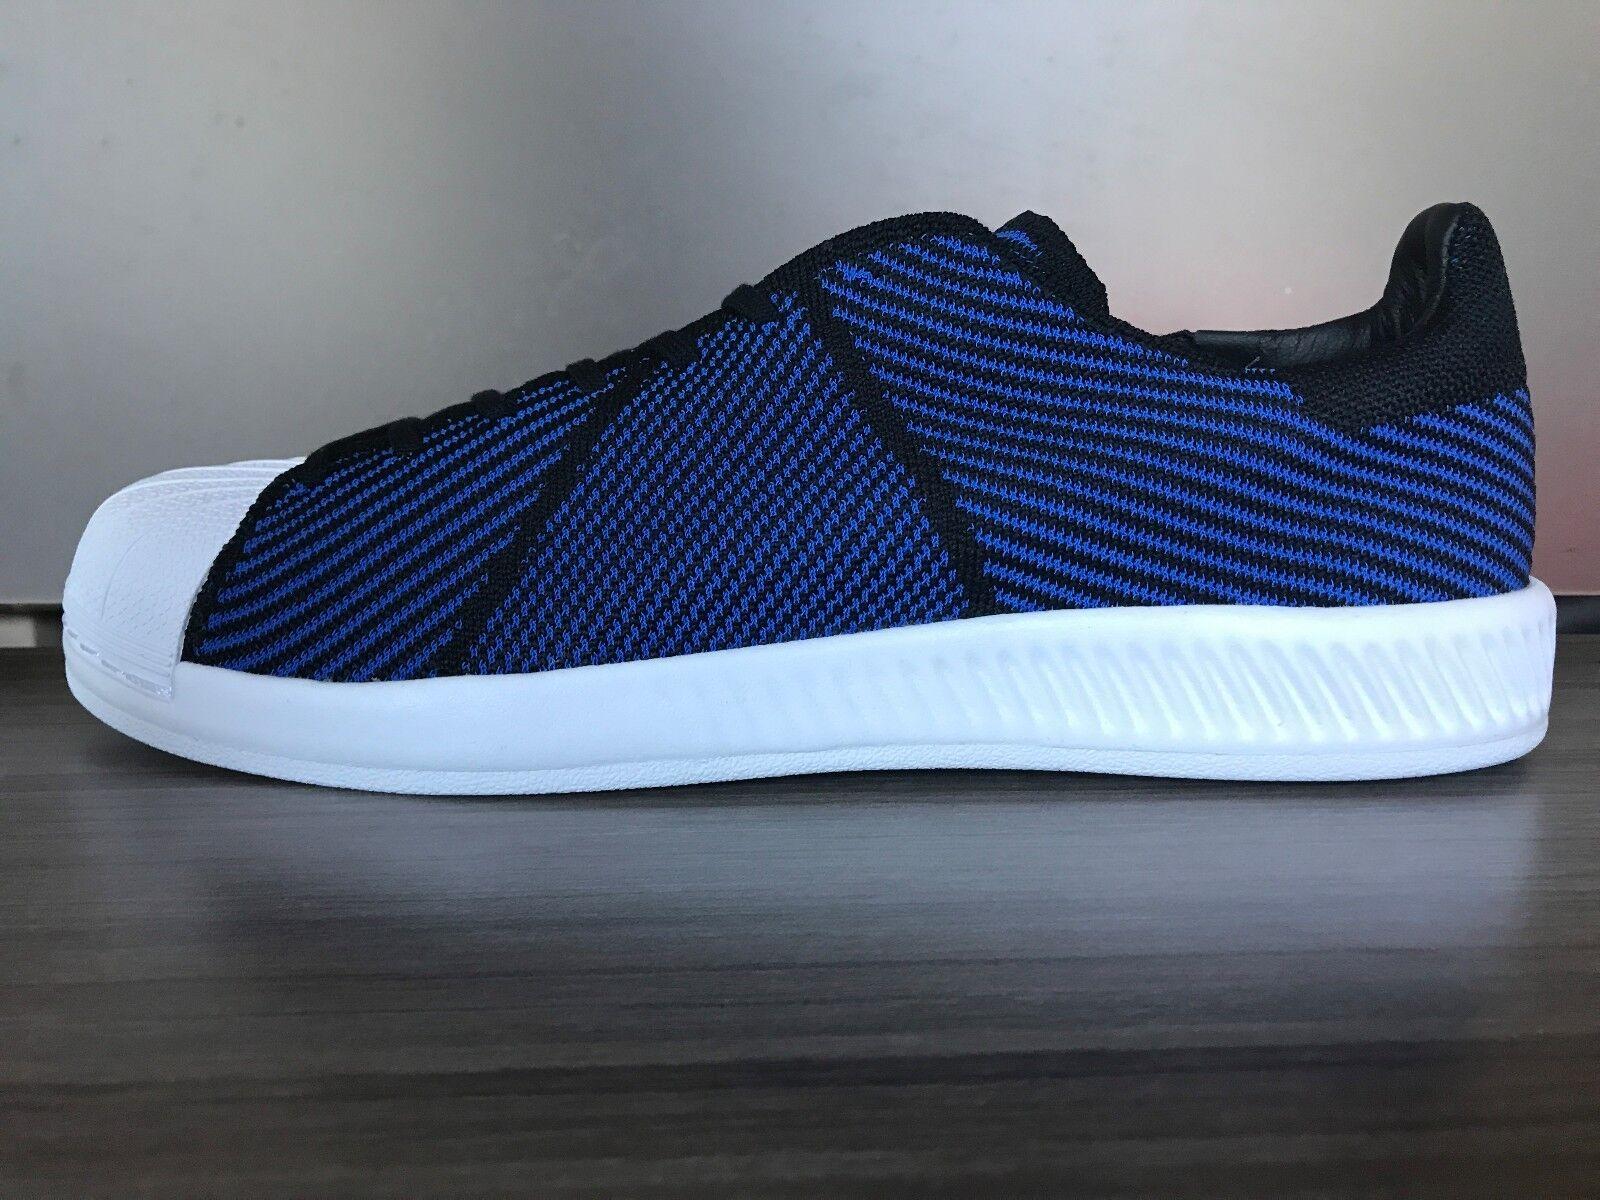 Adidas Originals hombres Superstar primeknit Bounce zapatos hombres Originals tamaño US 9,5 reducción de precios el último descuento zapatos para hombres y mujeres 7d853c